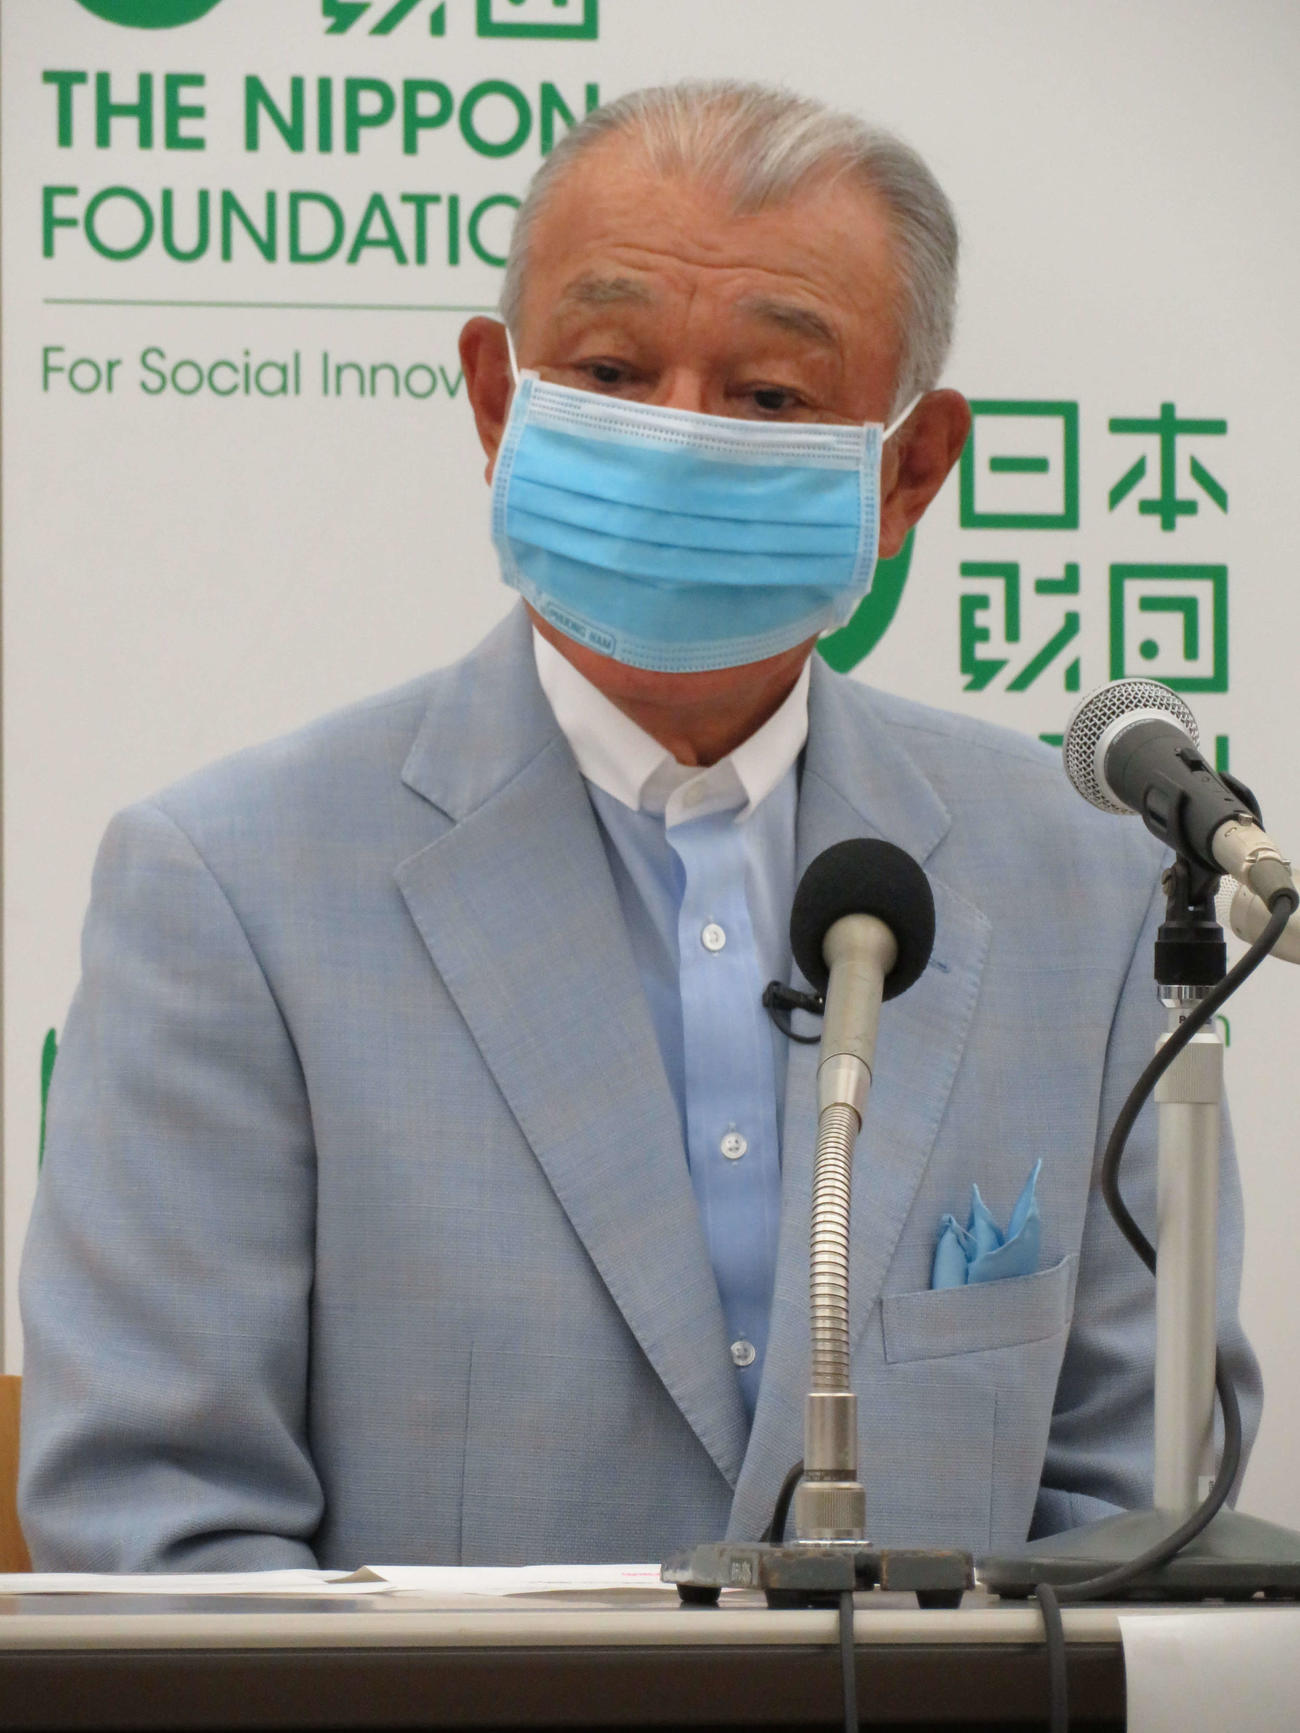 新型コロナウイルス対策支援策に関する会見を行った日本財団の笹川陽平会長(撮影・近藤由美子)